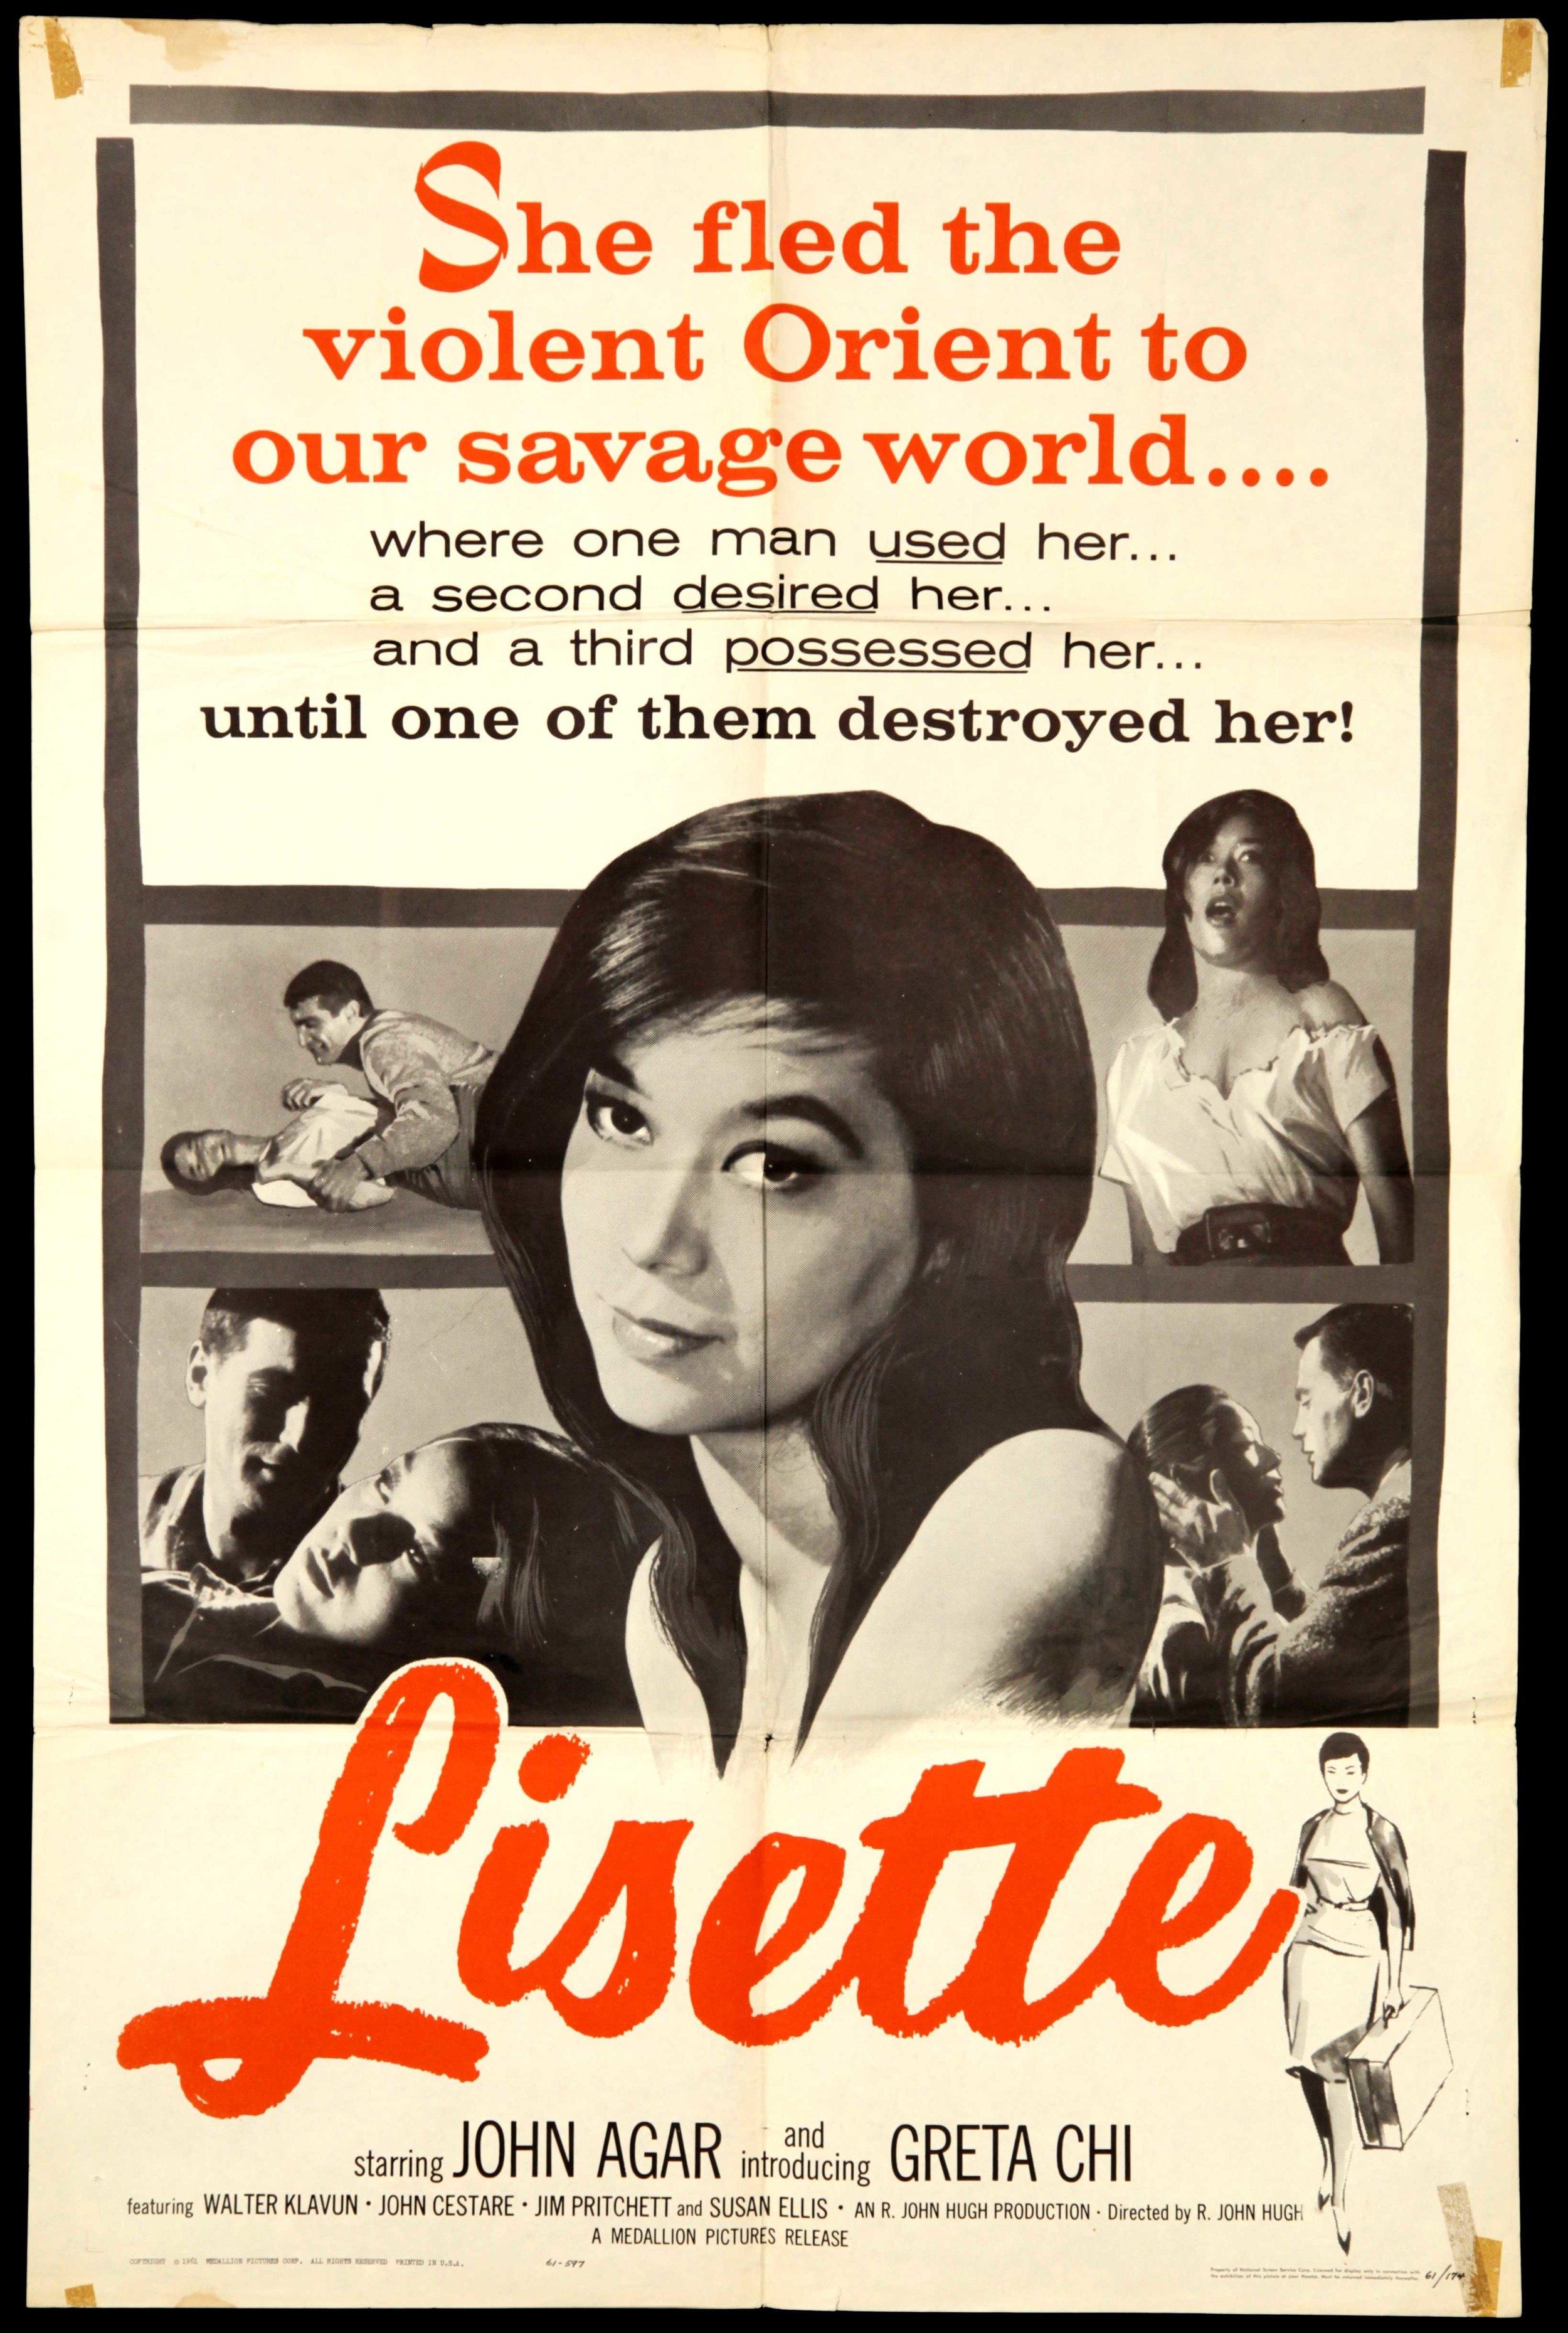 Lisette (1961)